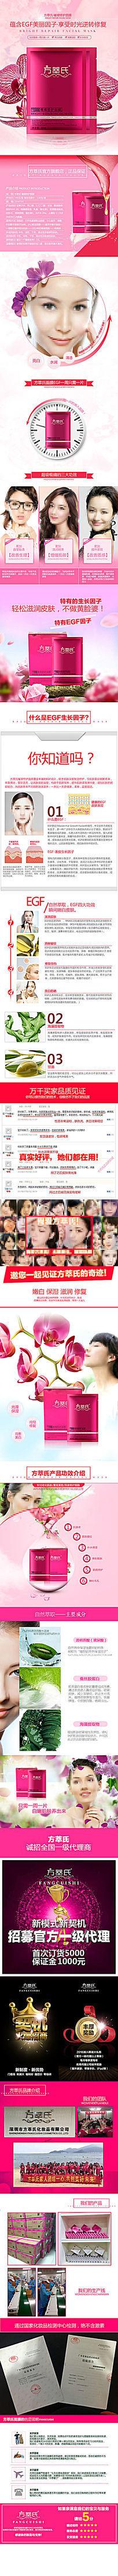 化妆品面膜详情页设计PSD分层